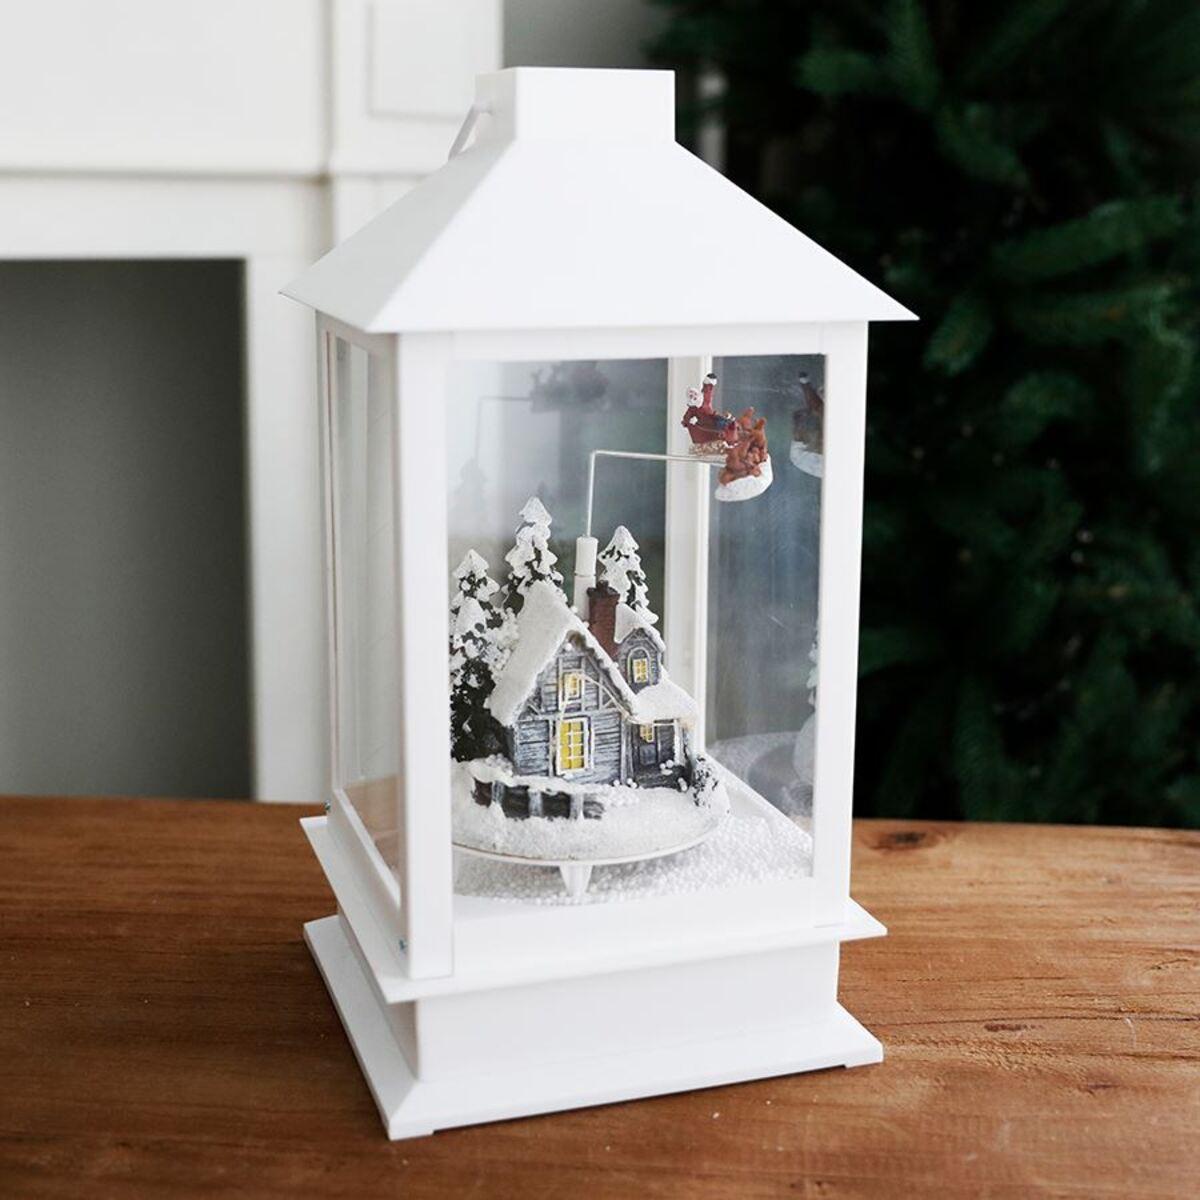 Bild 4 von LED-Weihnachtslaterne Schneegestöber 37cm Weiß